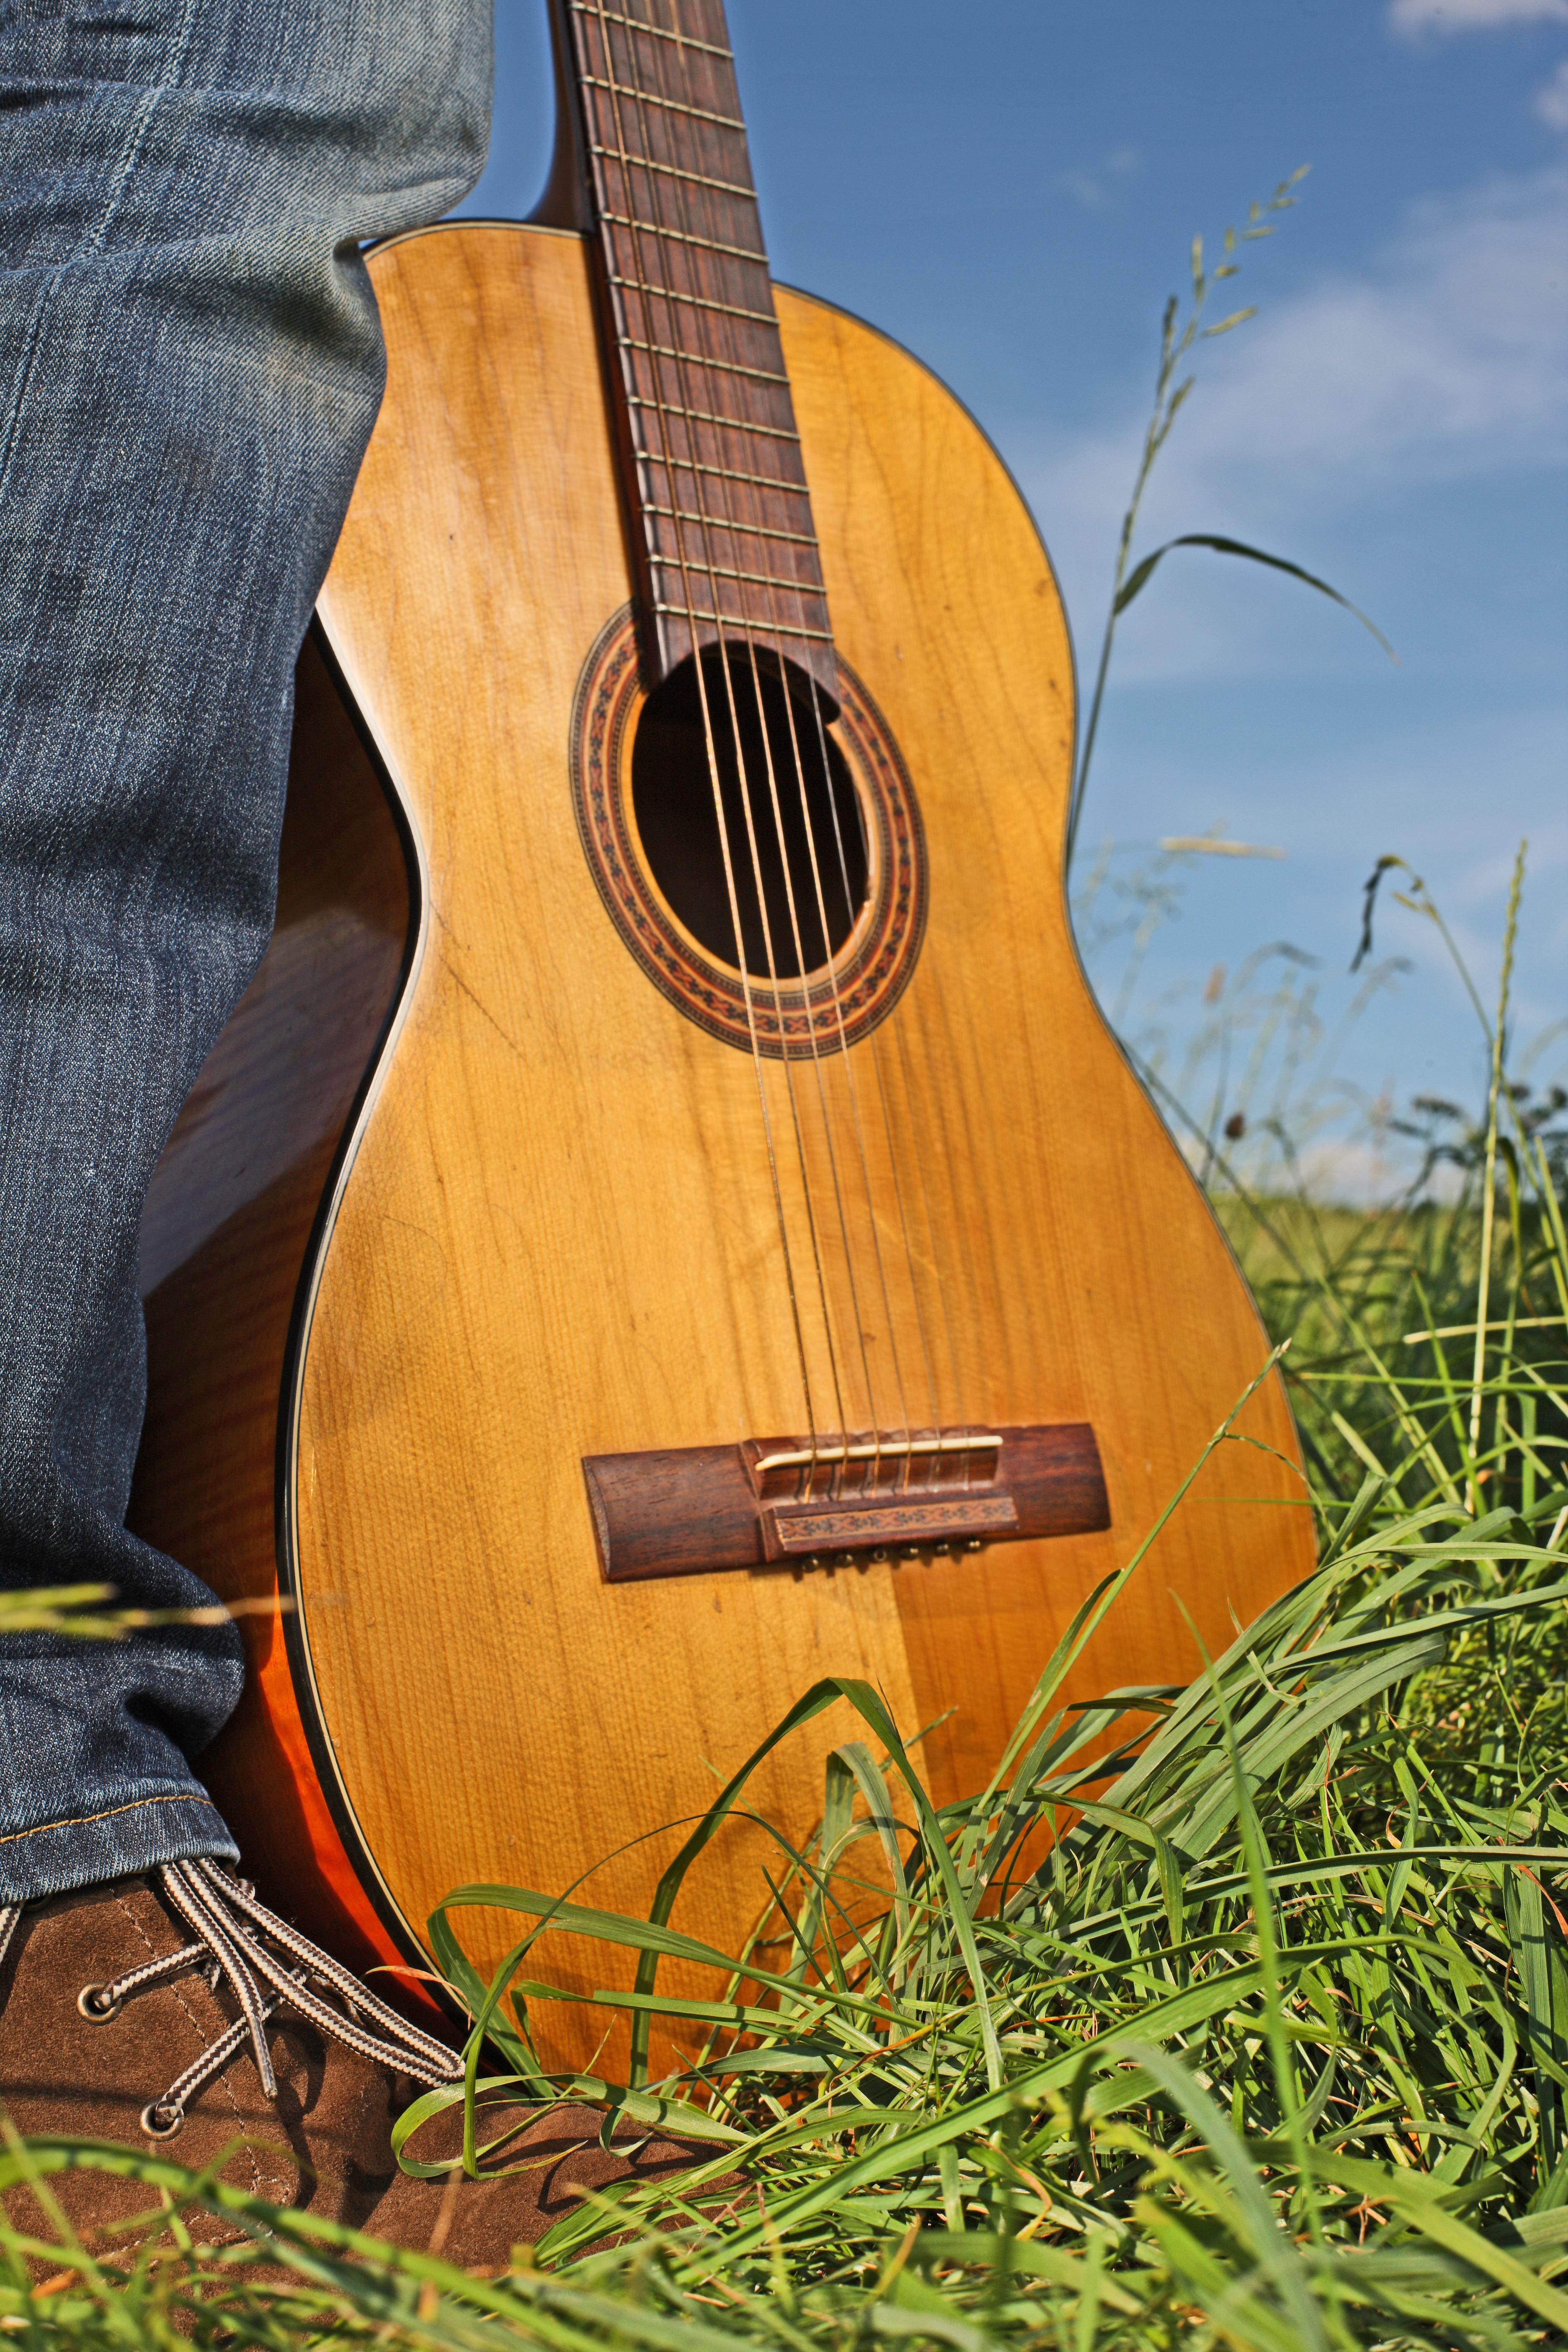 теплая куртка картинки с классическими гитарами отличие большинства других